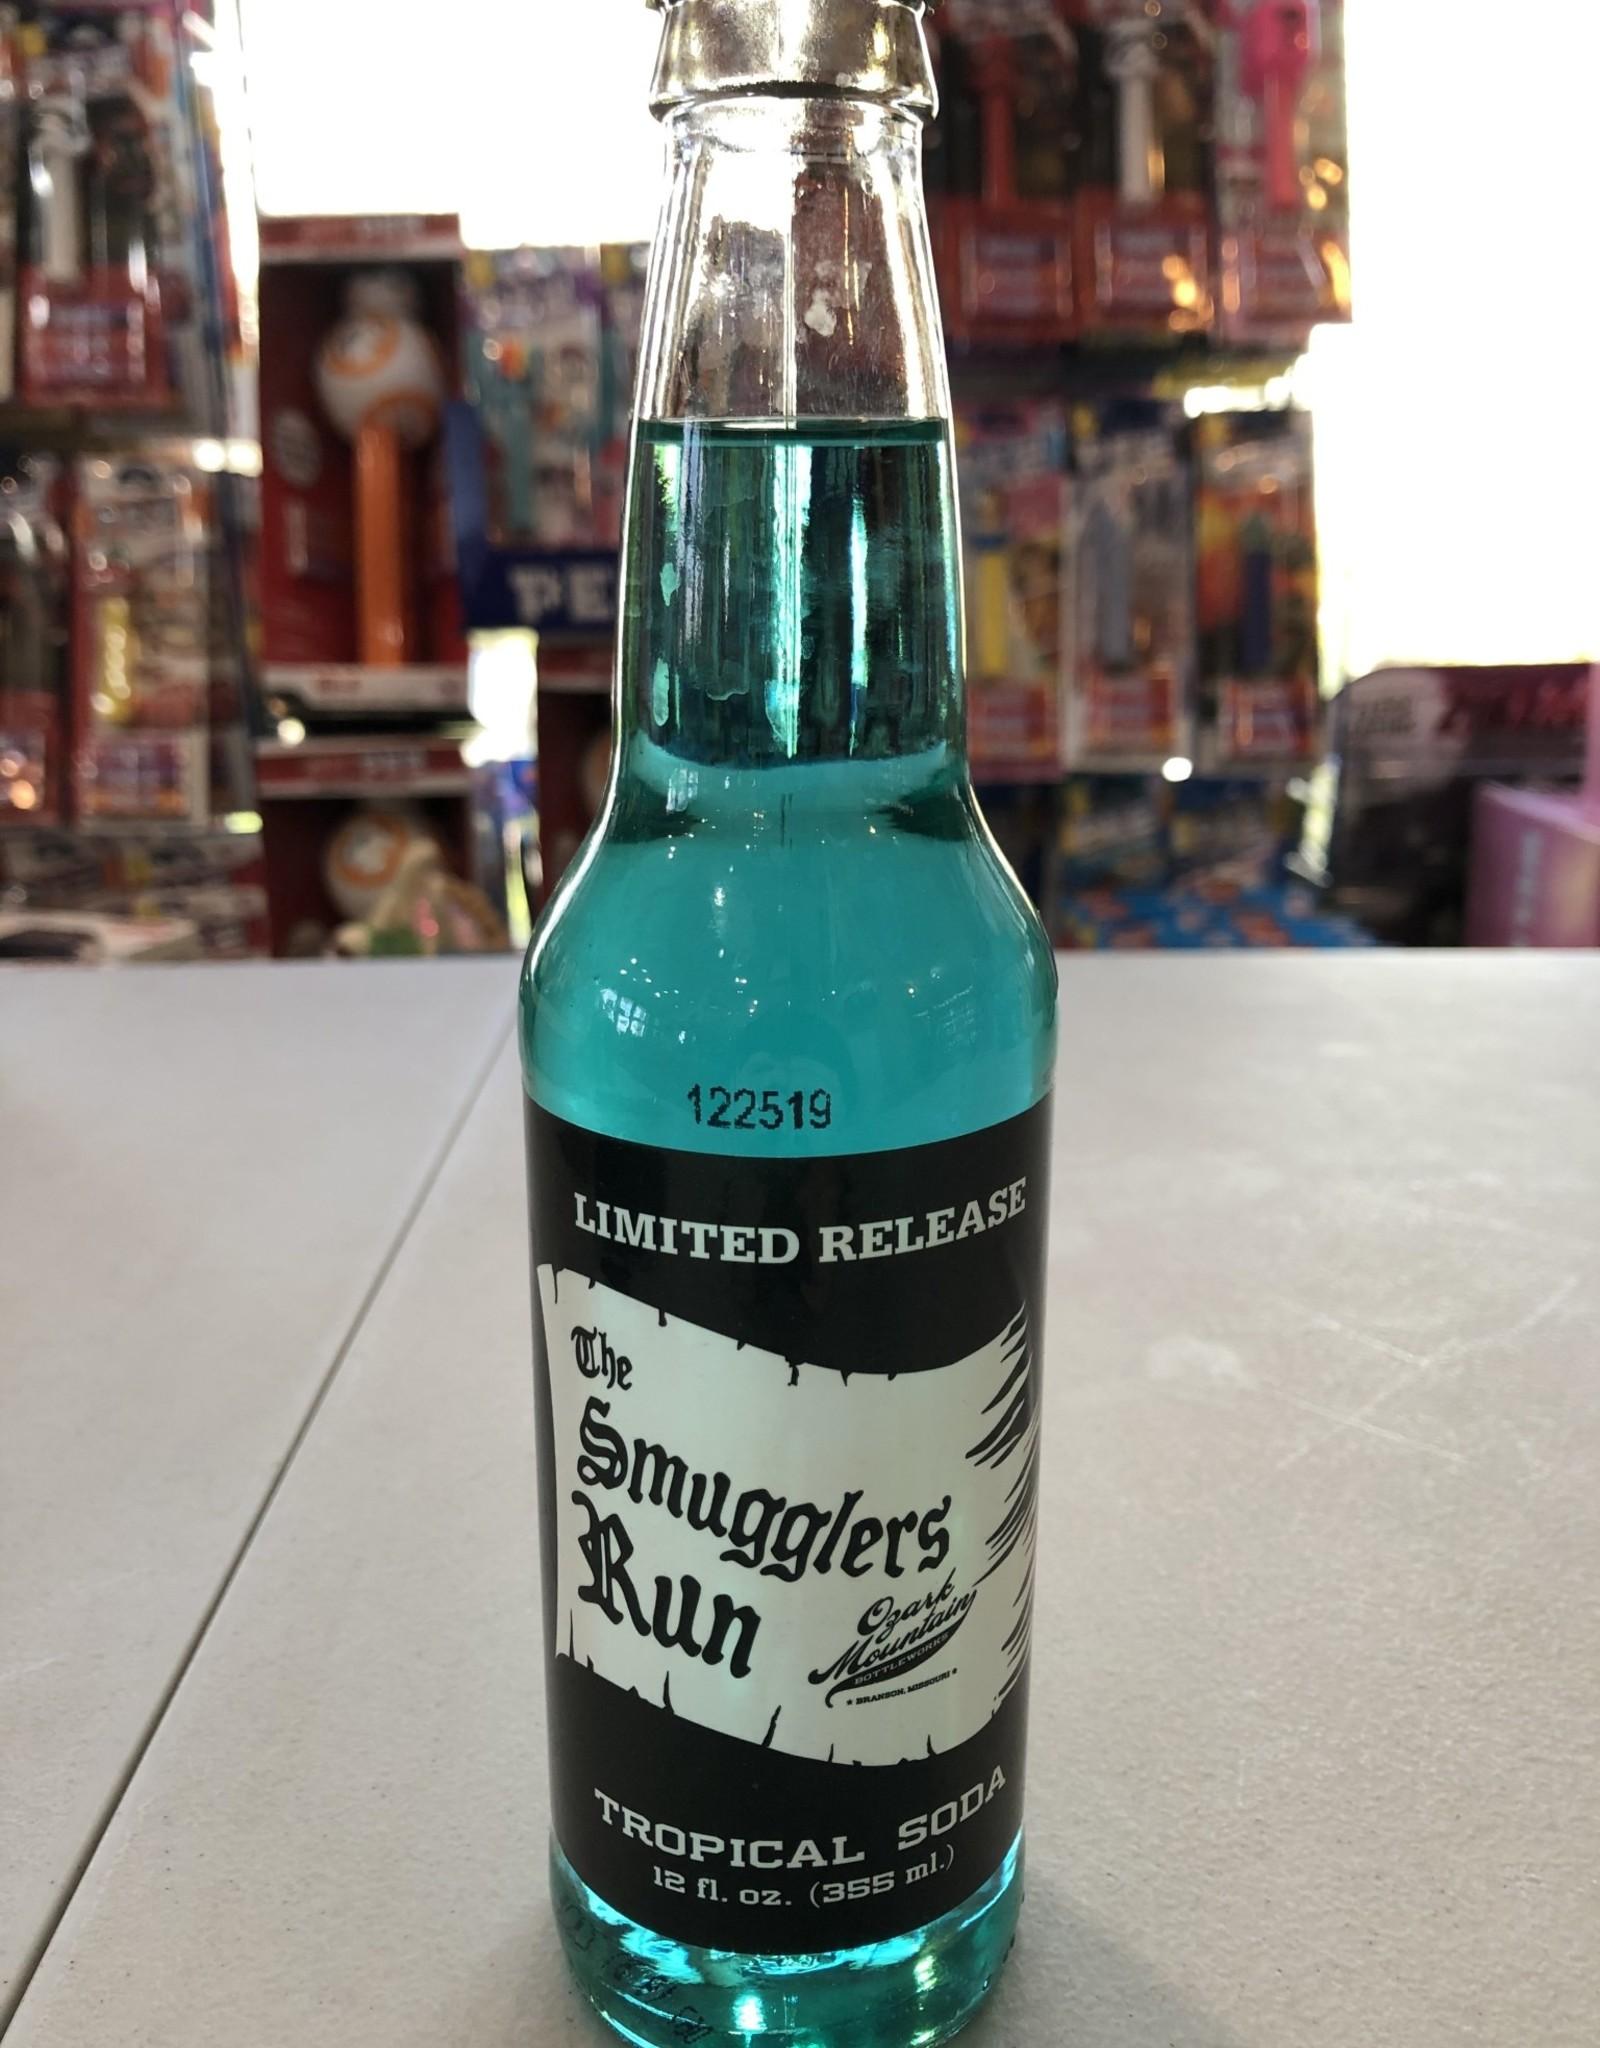 Ozark Mountain The Smugglers Run - Tropical Soda